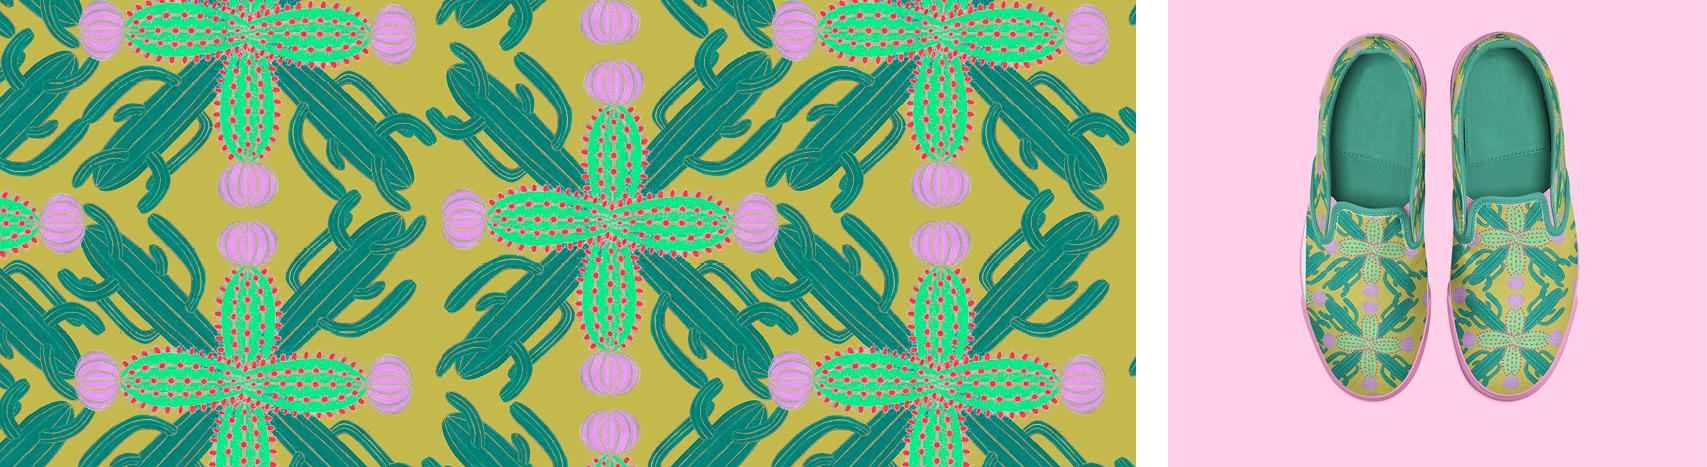 Motif cactus par Florie Nguyen Van